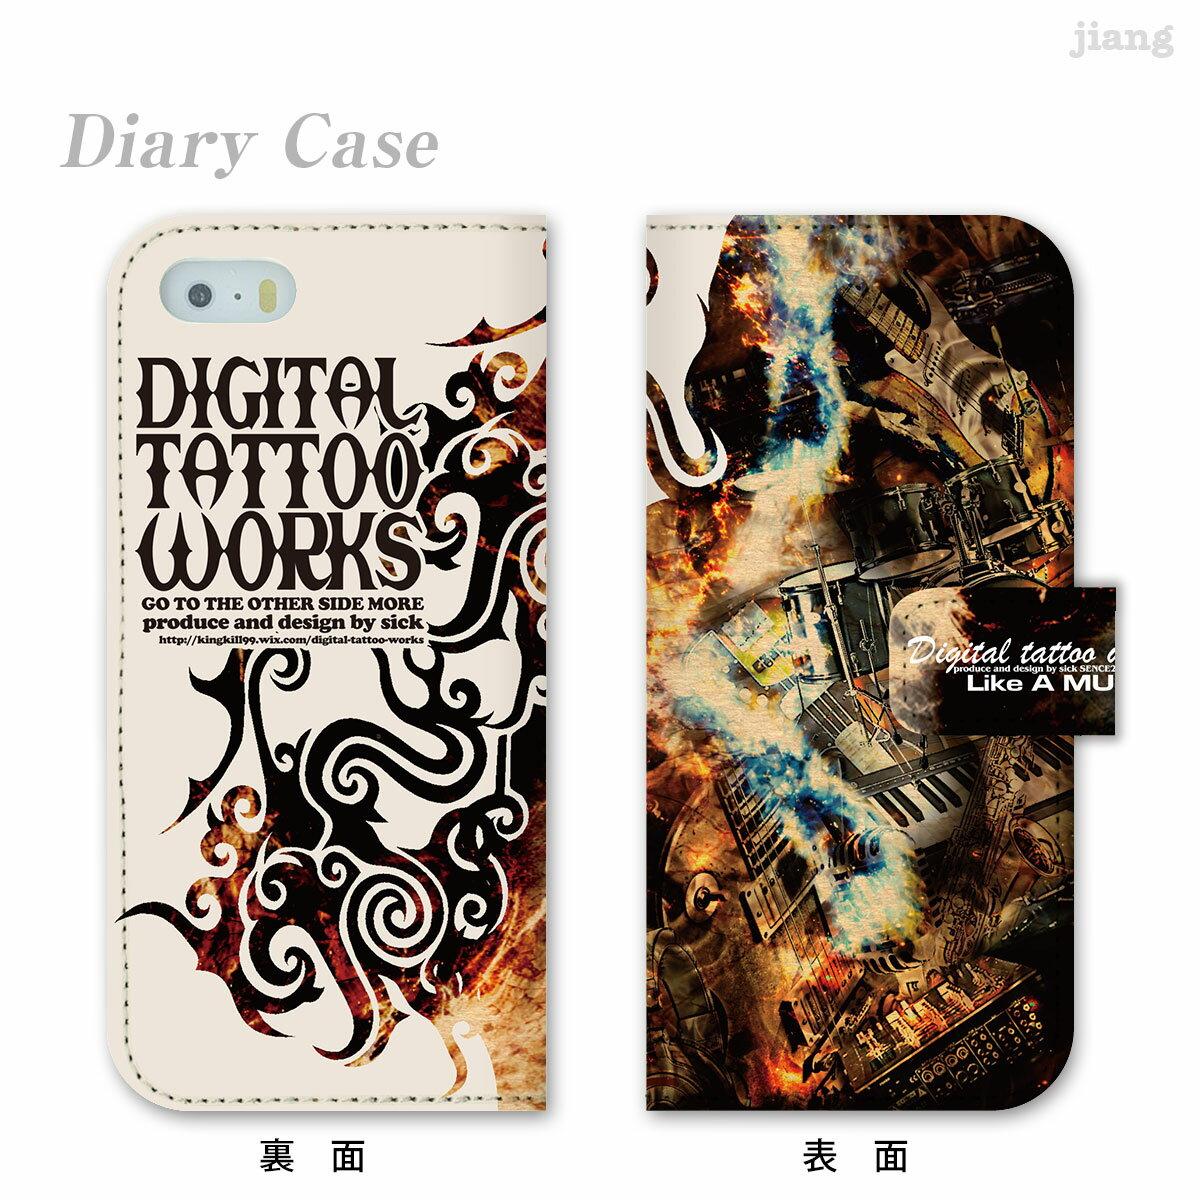 スマホケース 手帳型 全機種対応 手帳 ケース カバー iPhone SE 11 Pro Max iPhoneXS Max iPhoneXR iPhoneX iPhone8 iPhone7 iPhone Xperia 1 SO-03L SOV40 Ase XZ3 XZ2 XZ1 XZ aquos R3 sh-04l shv44 R2 sense2 galaxy S10 S9 S8 Digital tattoo works 56-ip5-ds0002